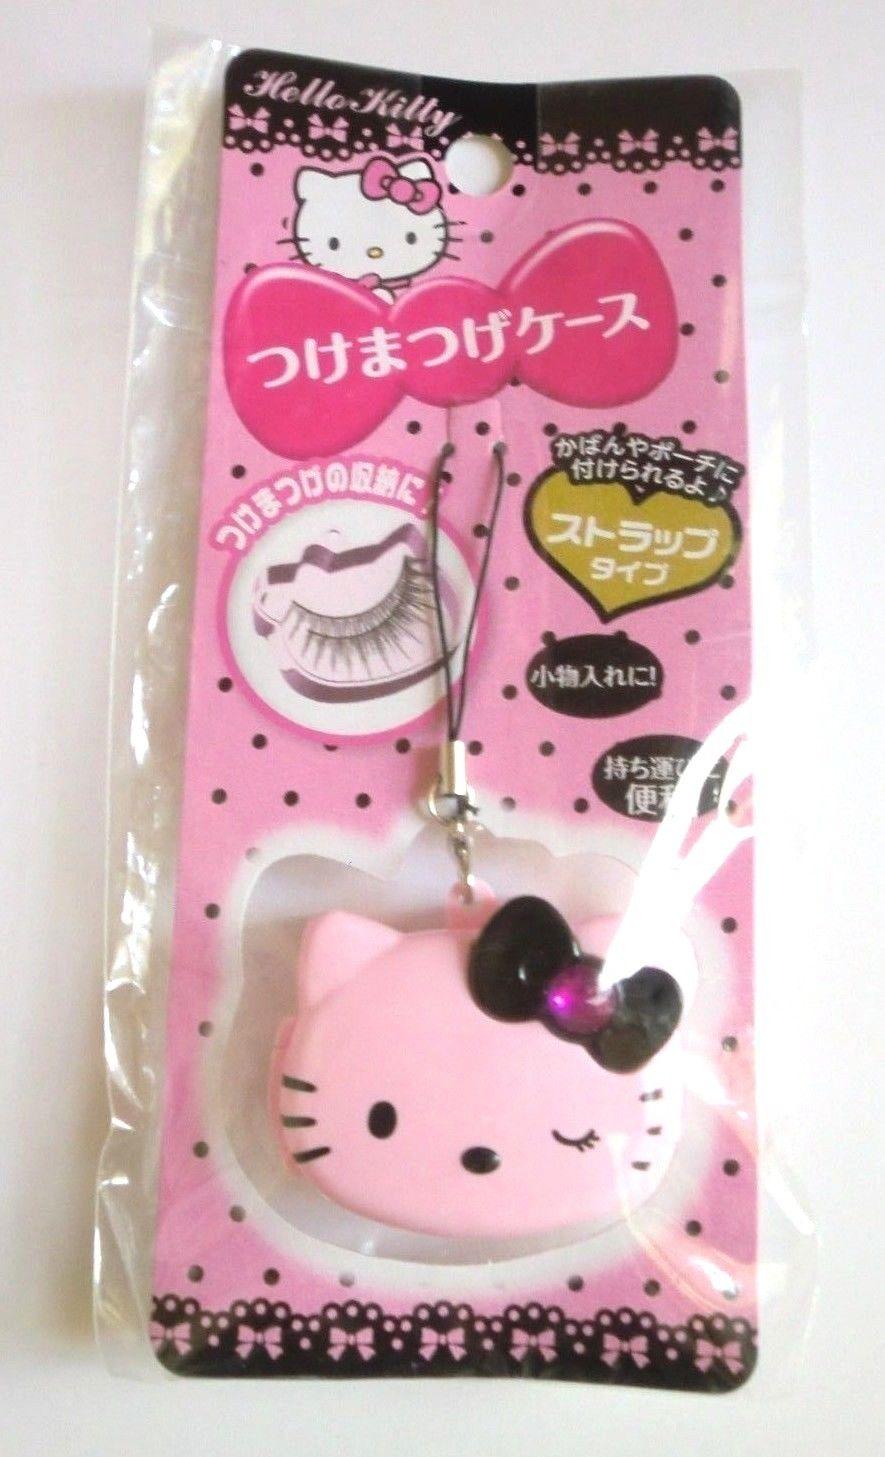 【真愛日本】15122500019造型收納盒-KT黑結眨眼粉   三麗鷗 Hello Kitty 凱蒂貓  假睫毛 收納盒  日本帶回